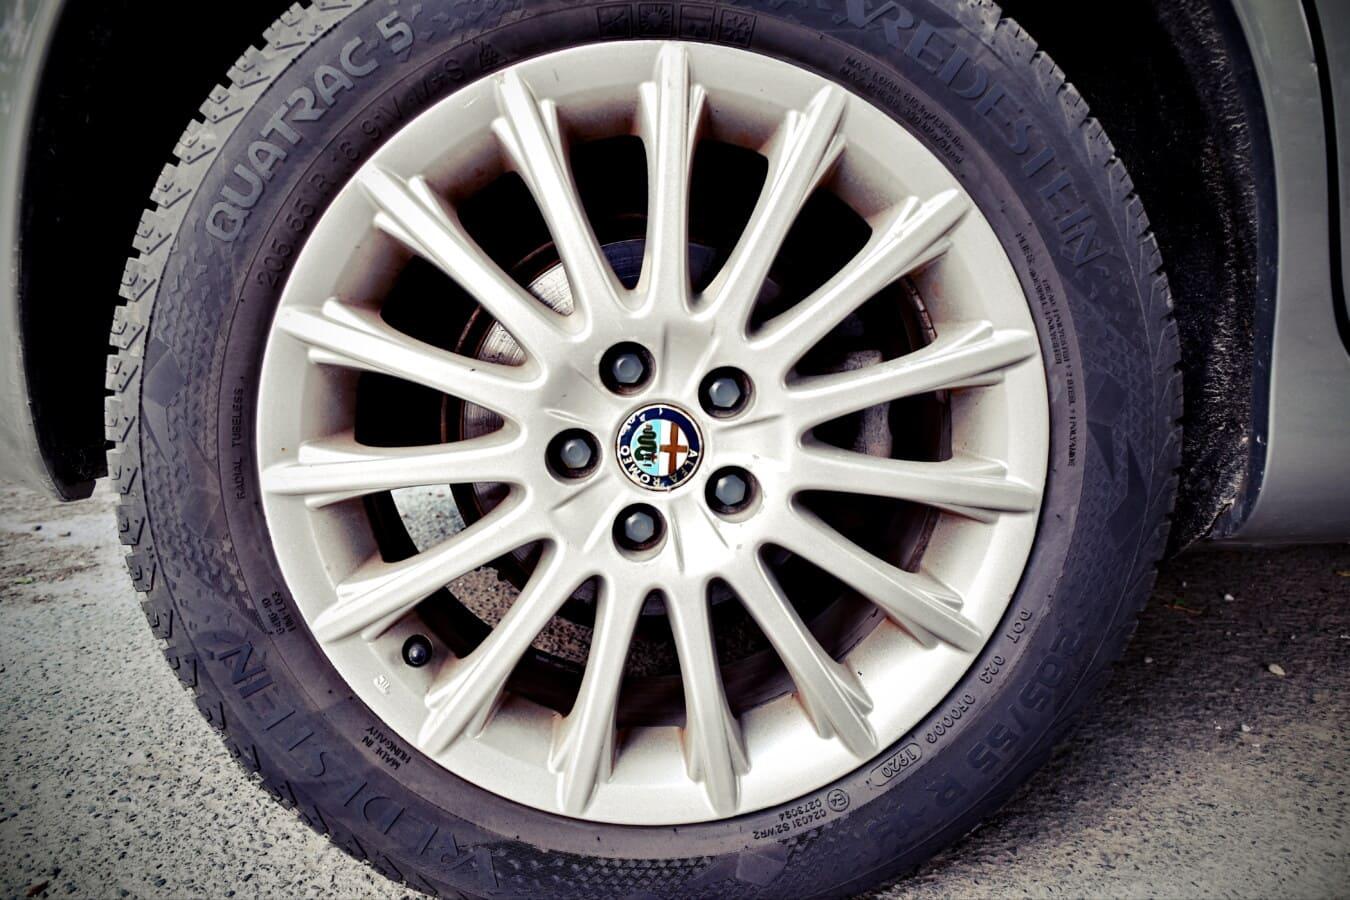 Alfa Romeo, Reifen, Aluminium, Auto, Legierung, Felge, Asphalt, Maschine, Rad, automotive